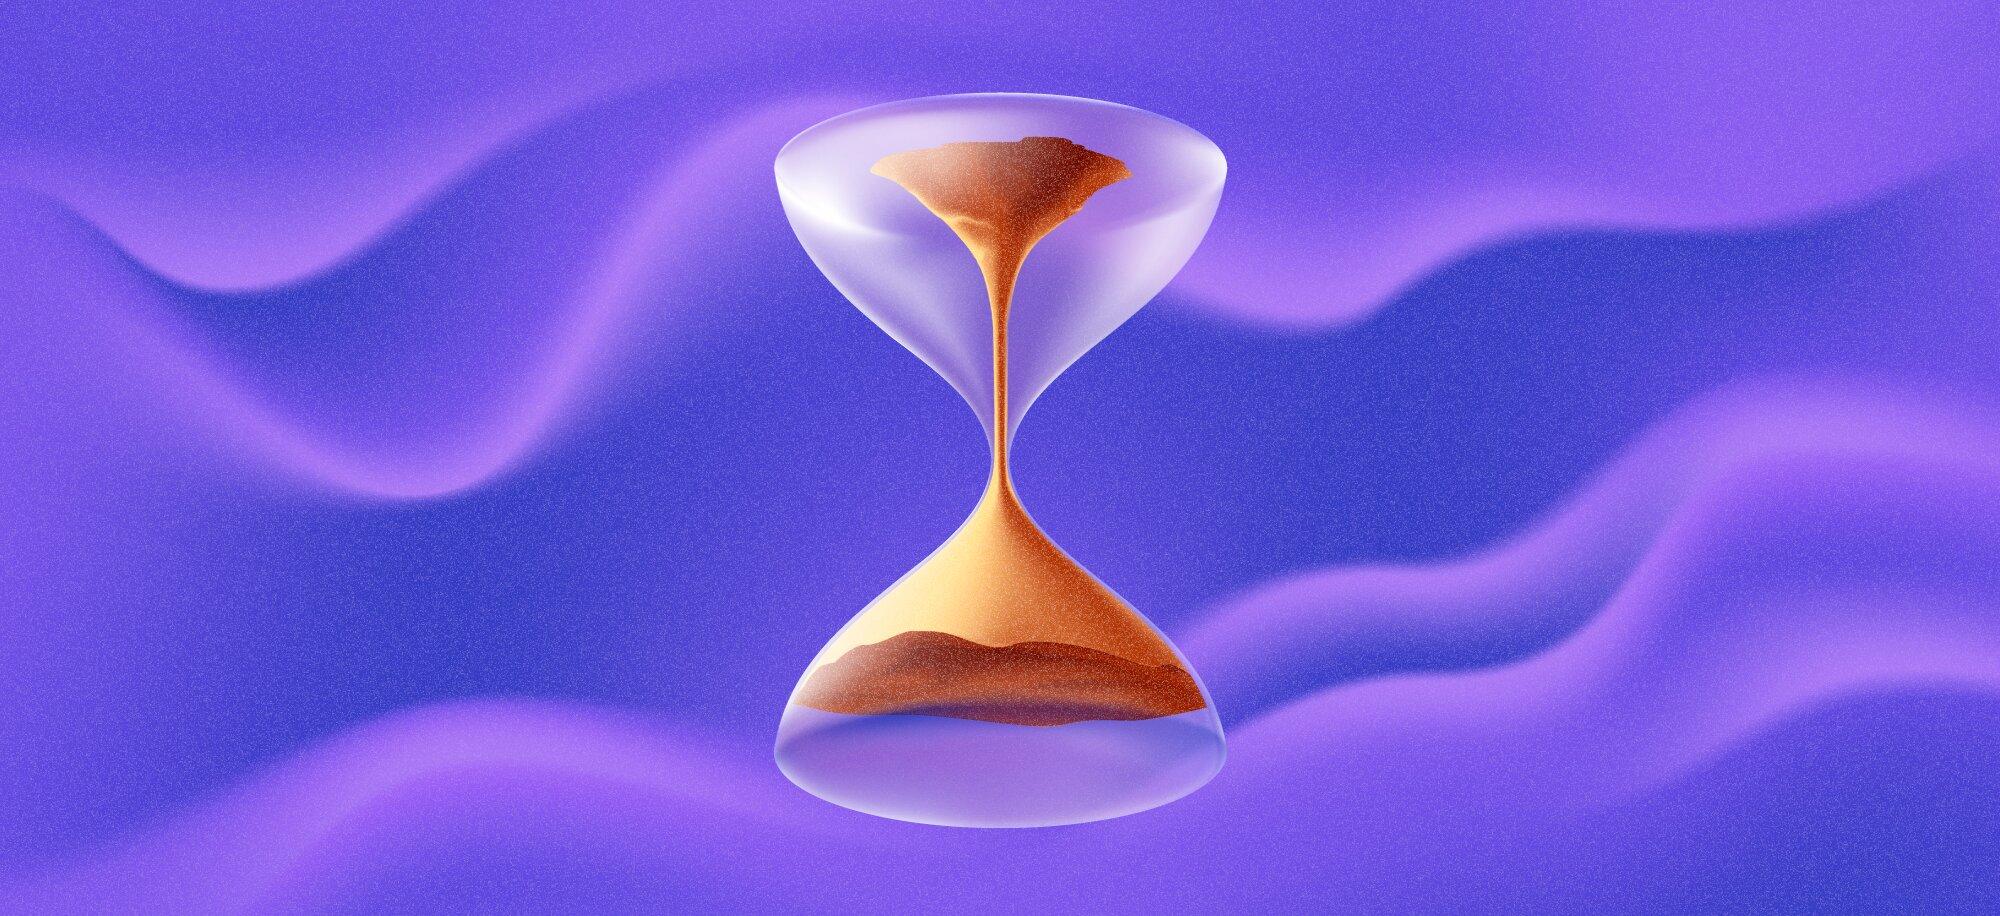 Kvantoví fyzici (trochu) obrátili čas. Kredit: @tsarcyanide/MIPT.